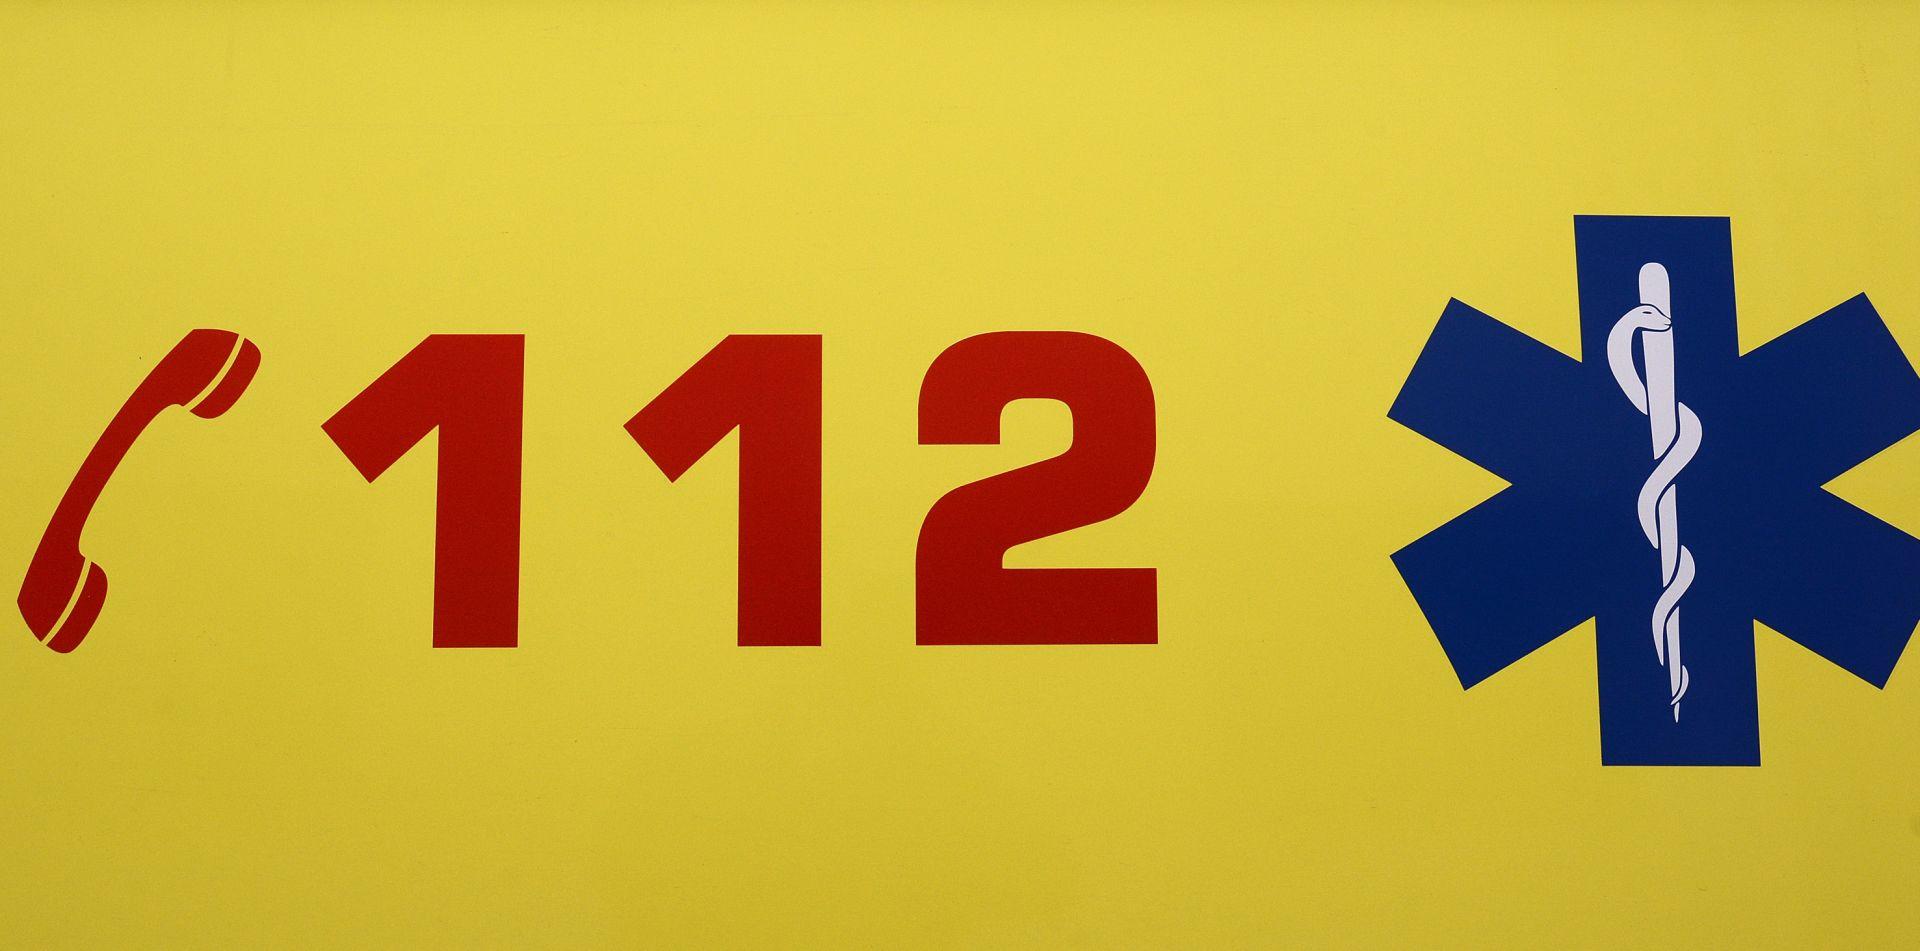 112 će upozoravati građane na opasnost